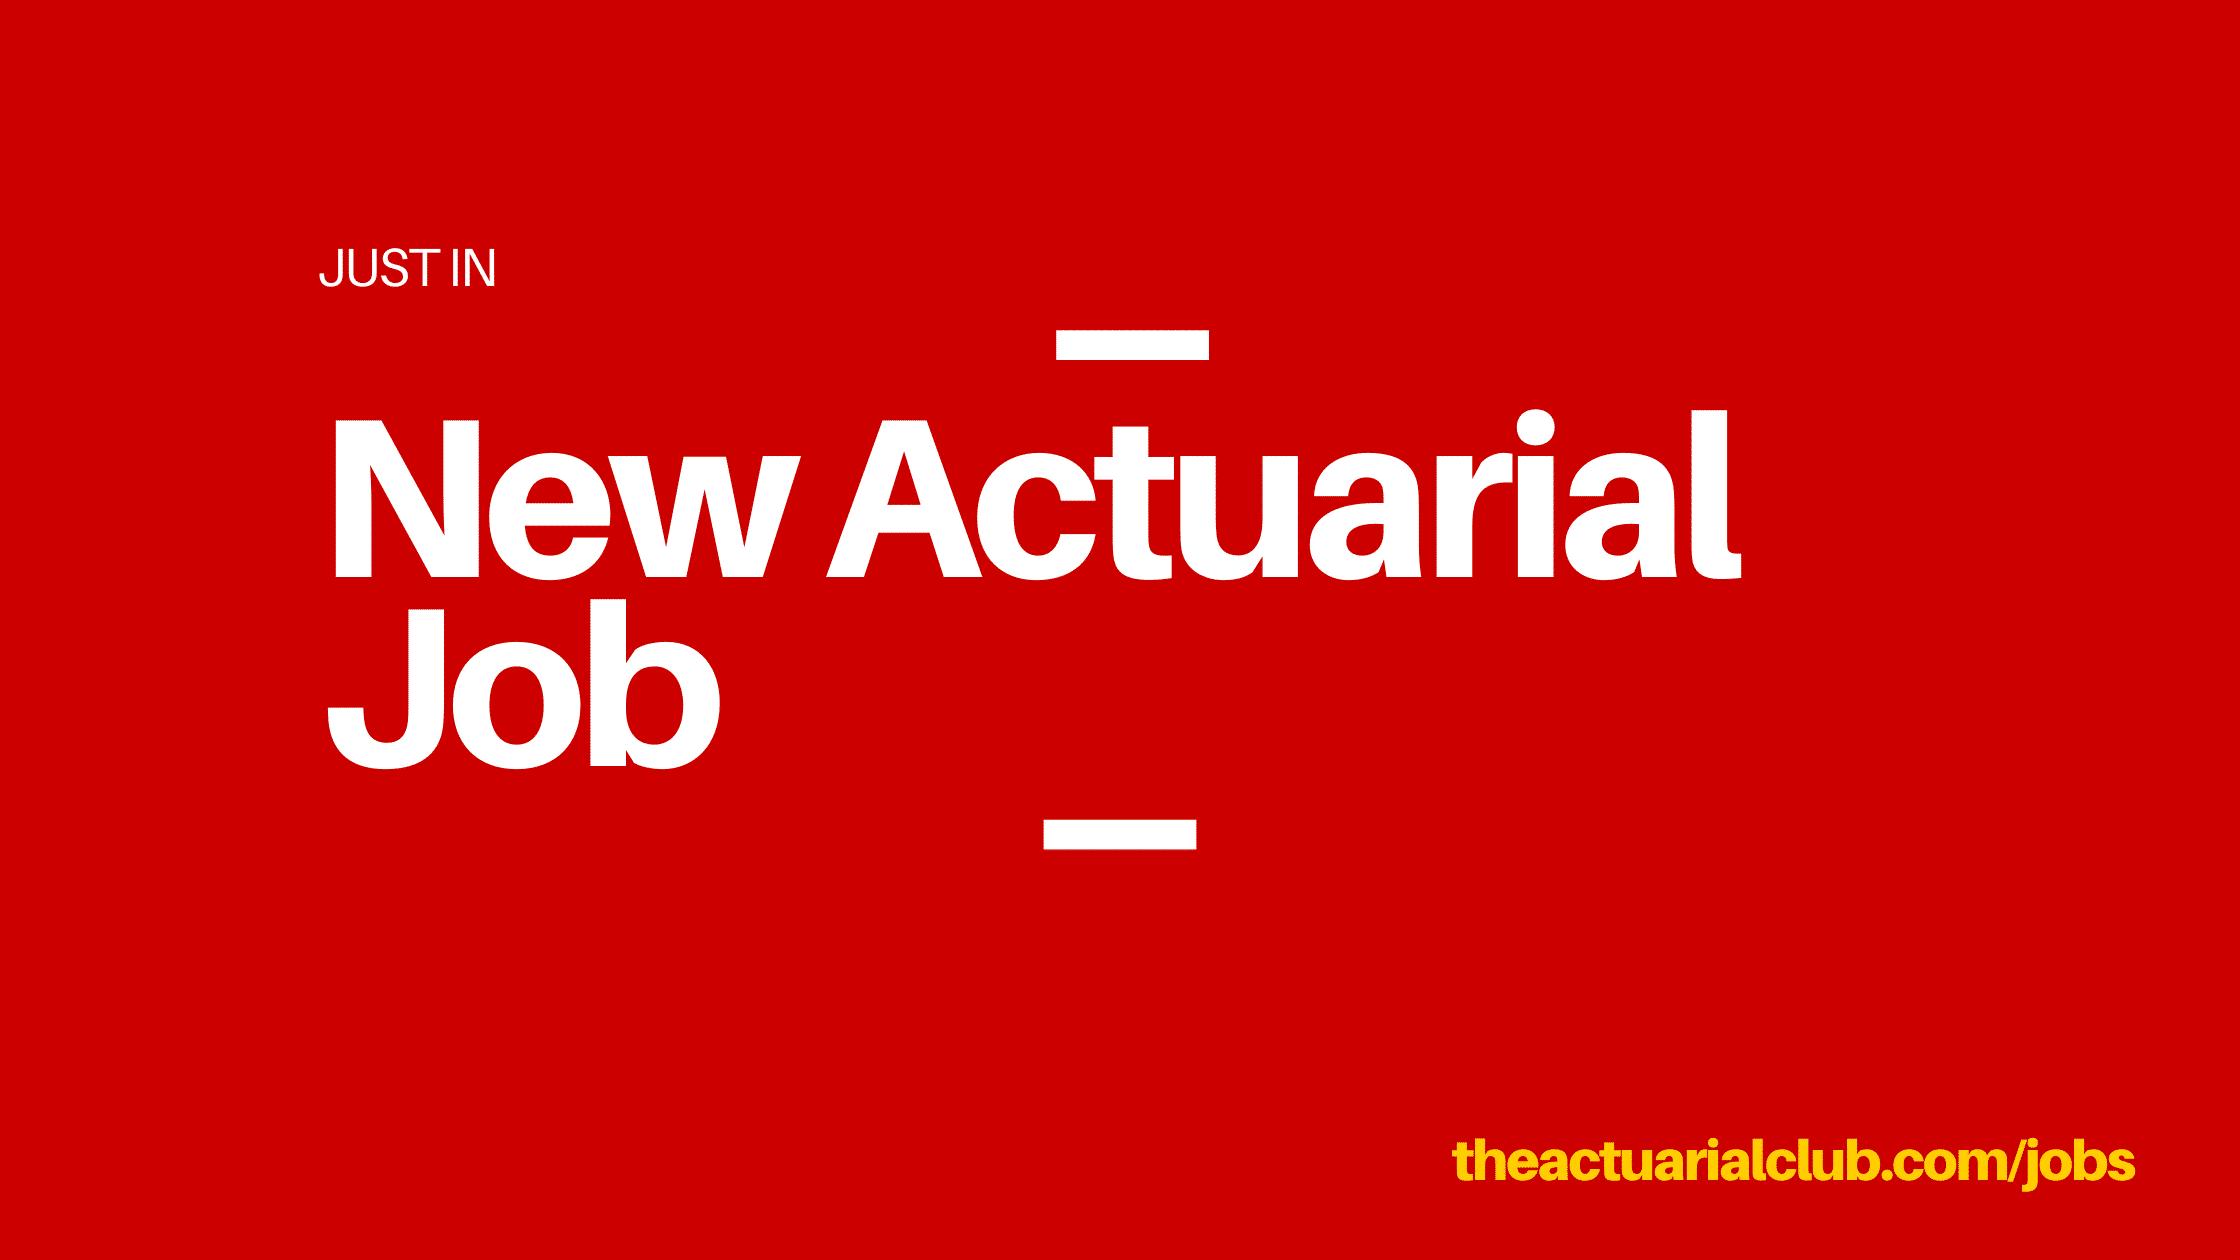 New Actuarial Jobs or internships tac